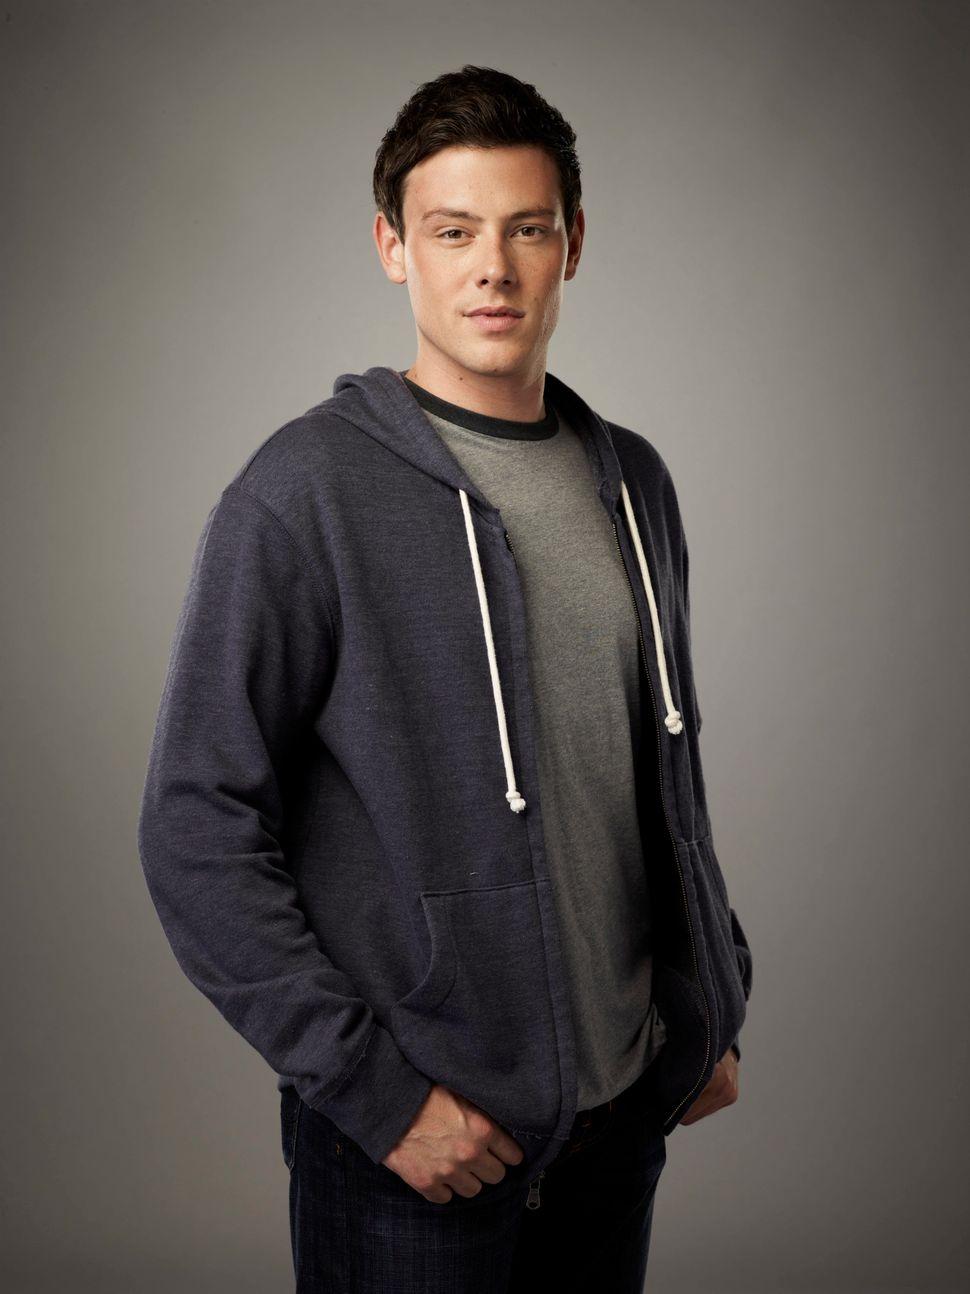 The Glee <em>star</em> died on July 13 at 31.